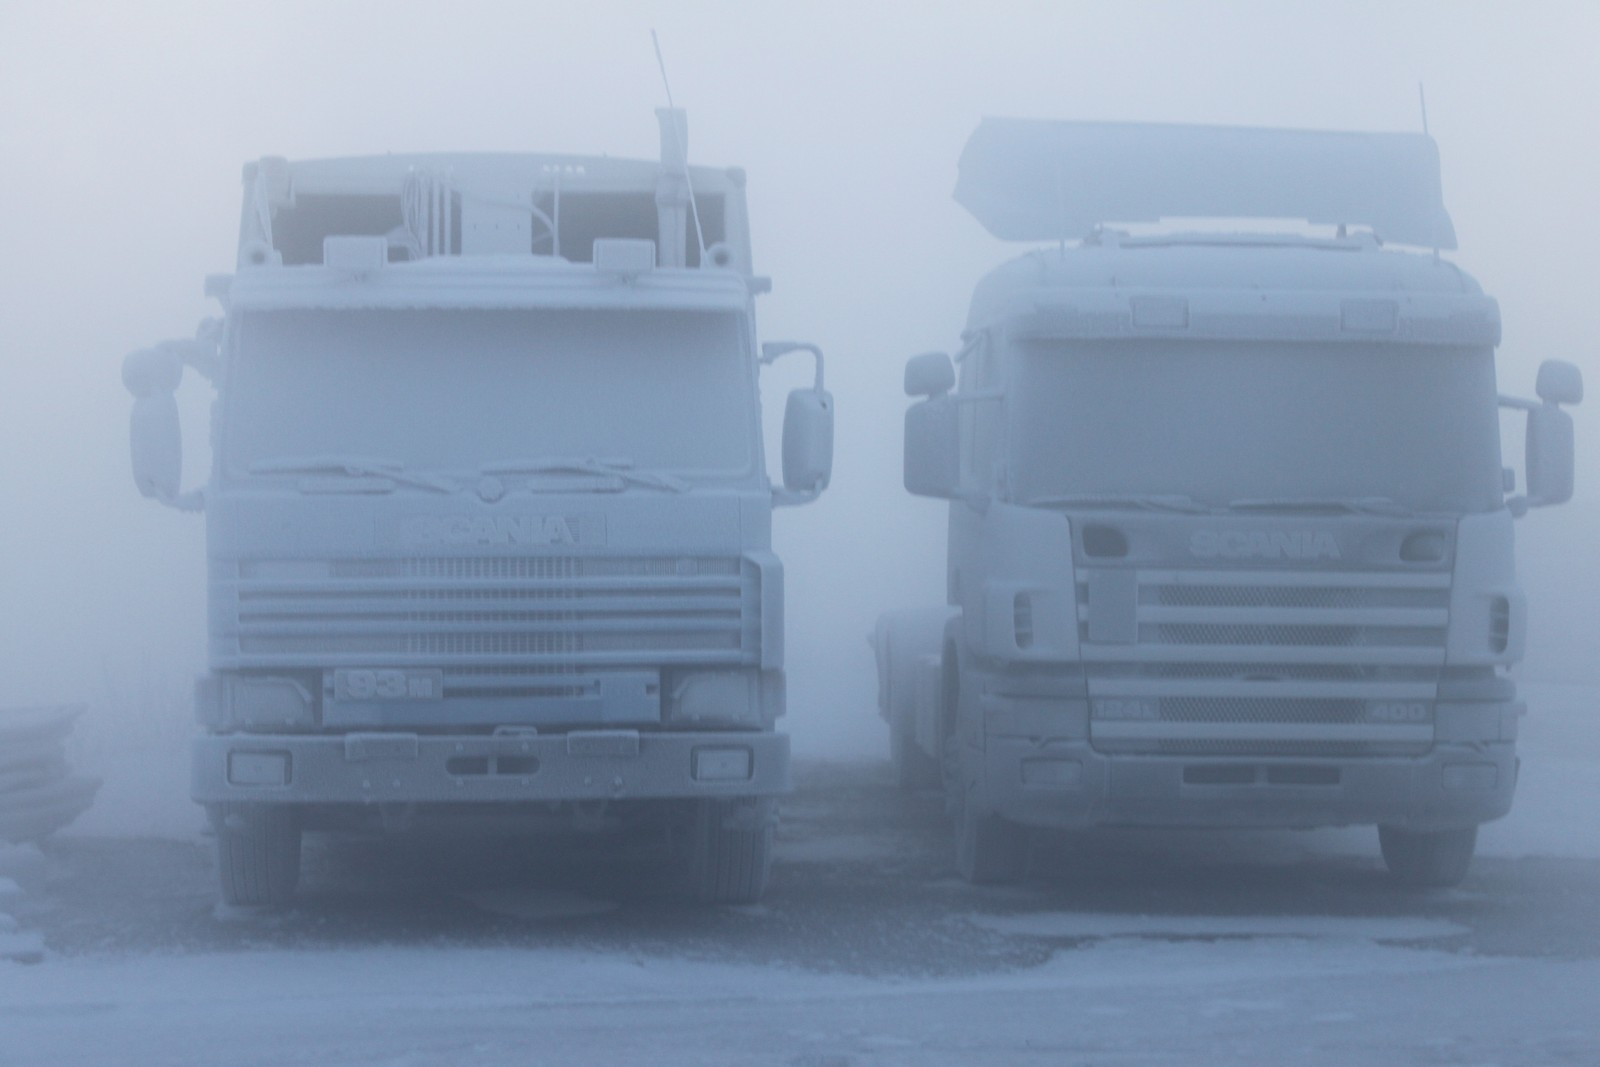 På grunn av kulde har også VEFAS sett seg nødt til å utsette renovasjon i Kautokeino i går og i dag.